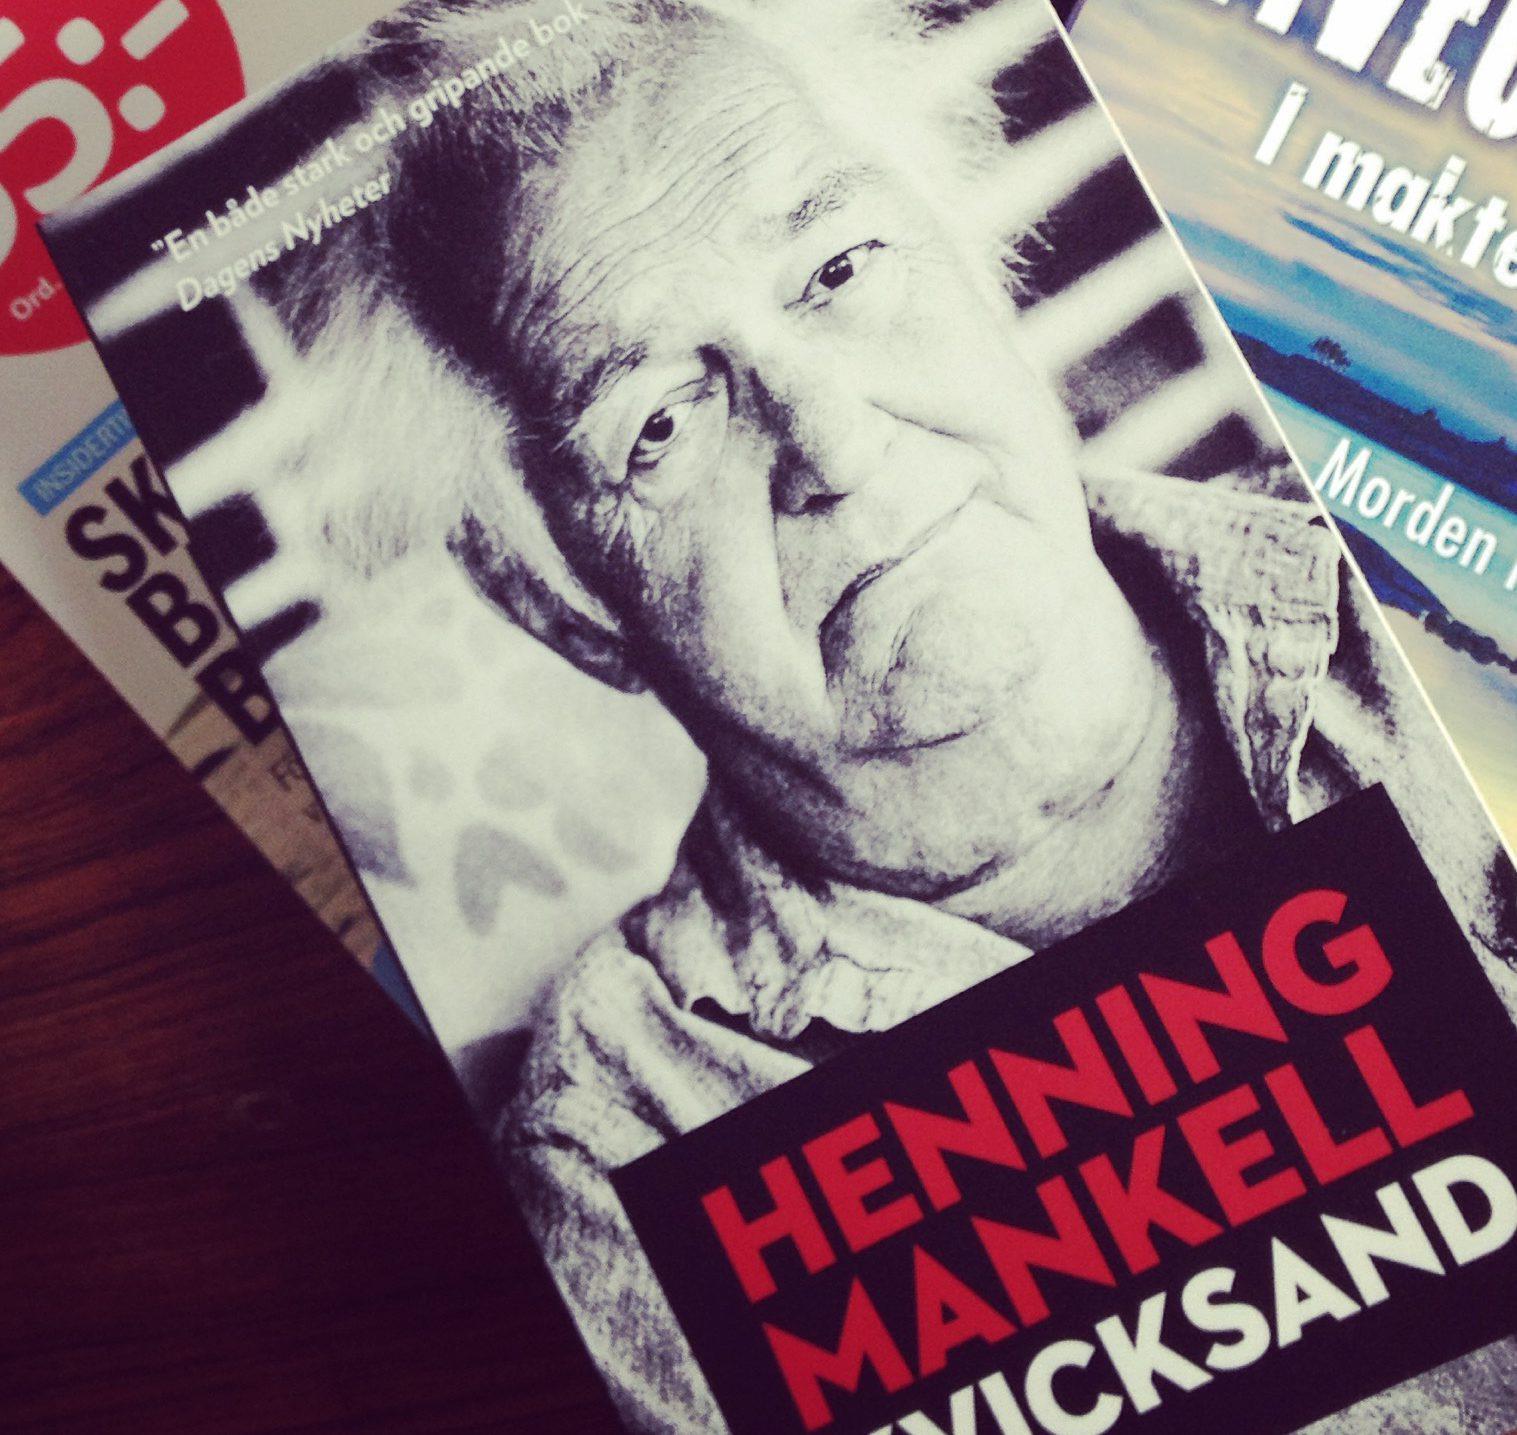 Mankell | schokotexte.de